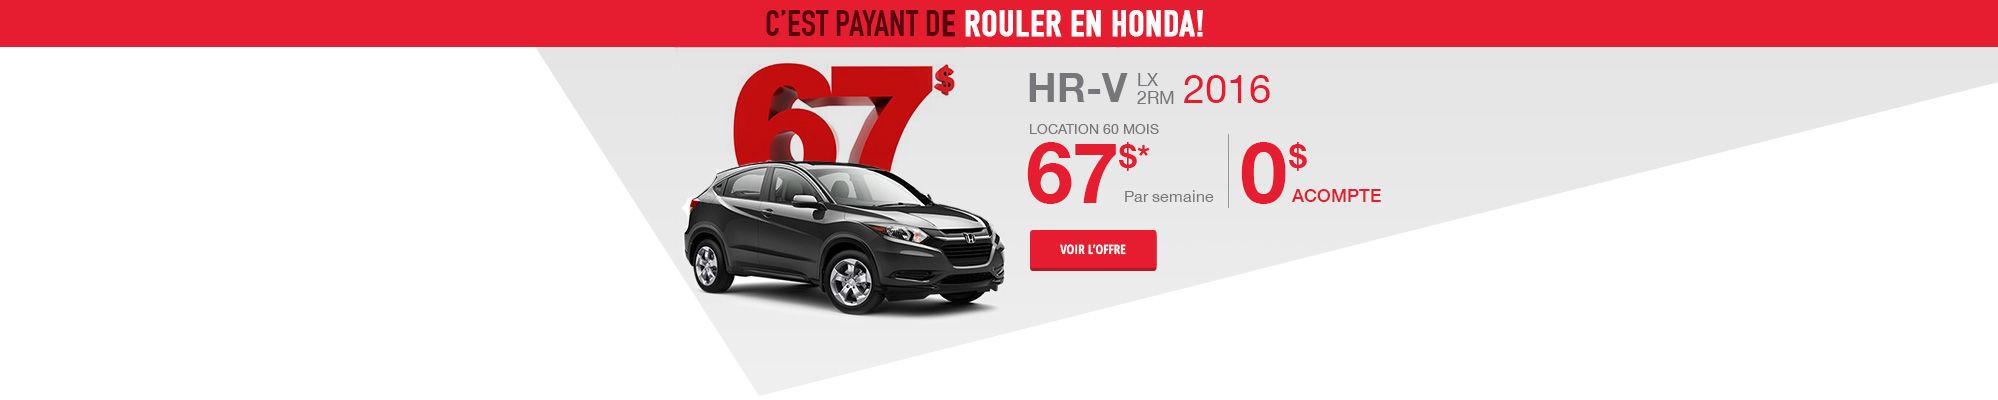 c'est payant de rouler en Honda! - HRV